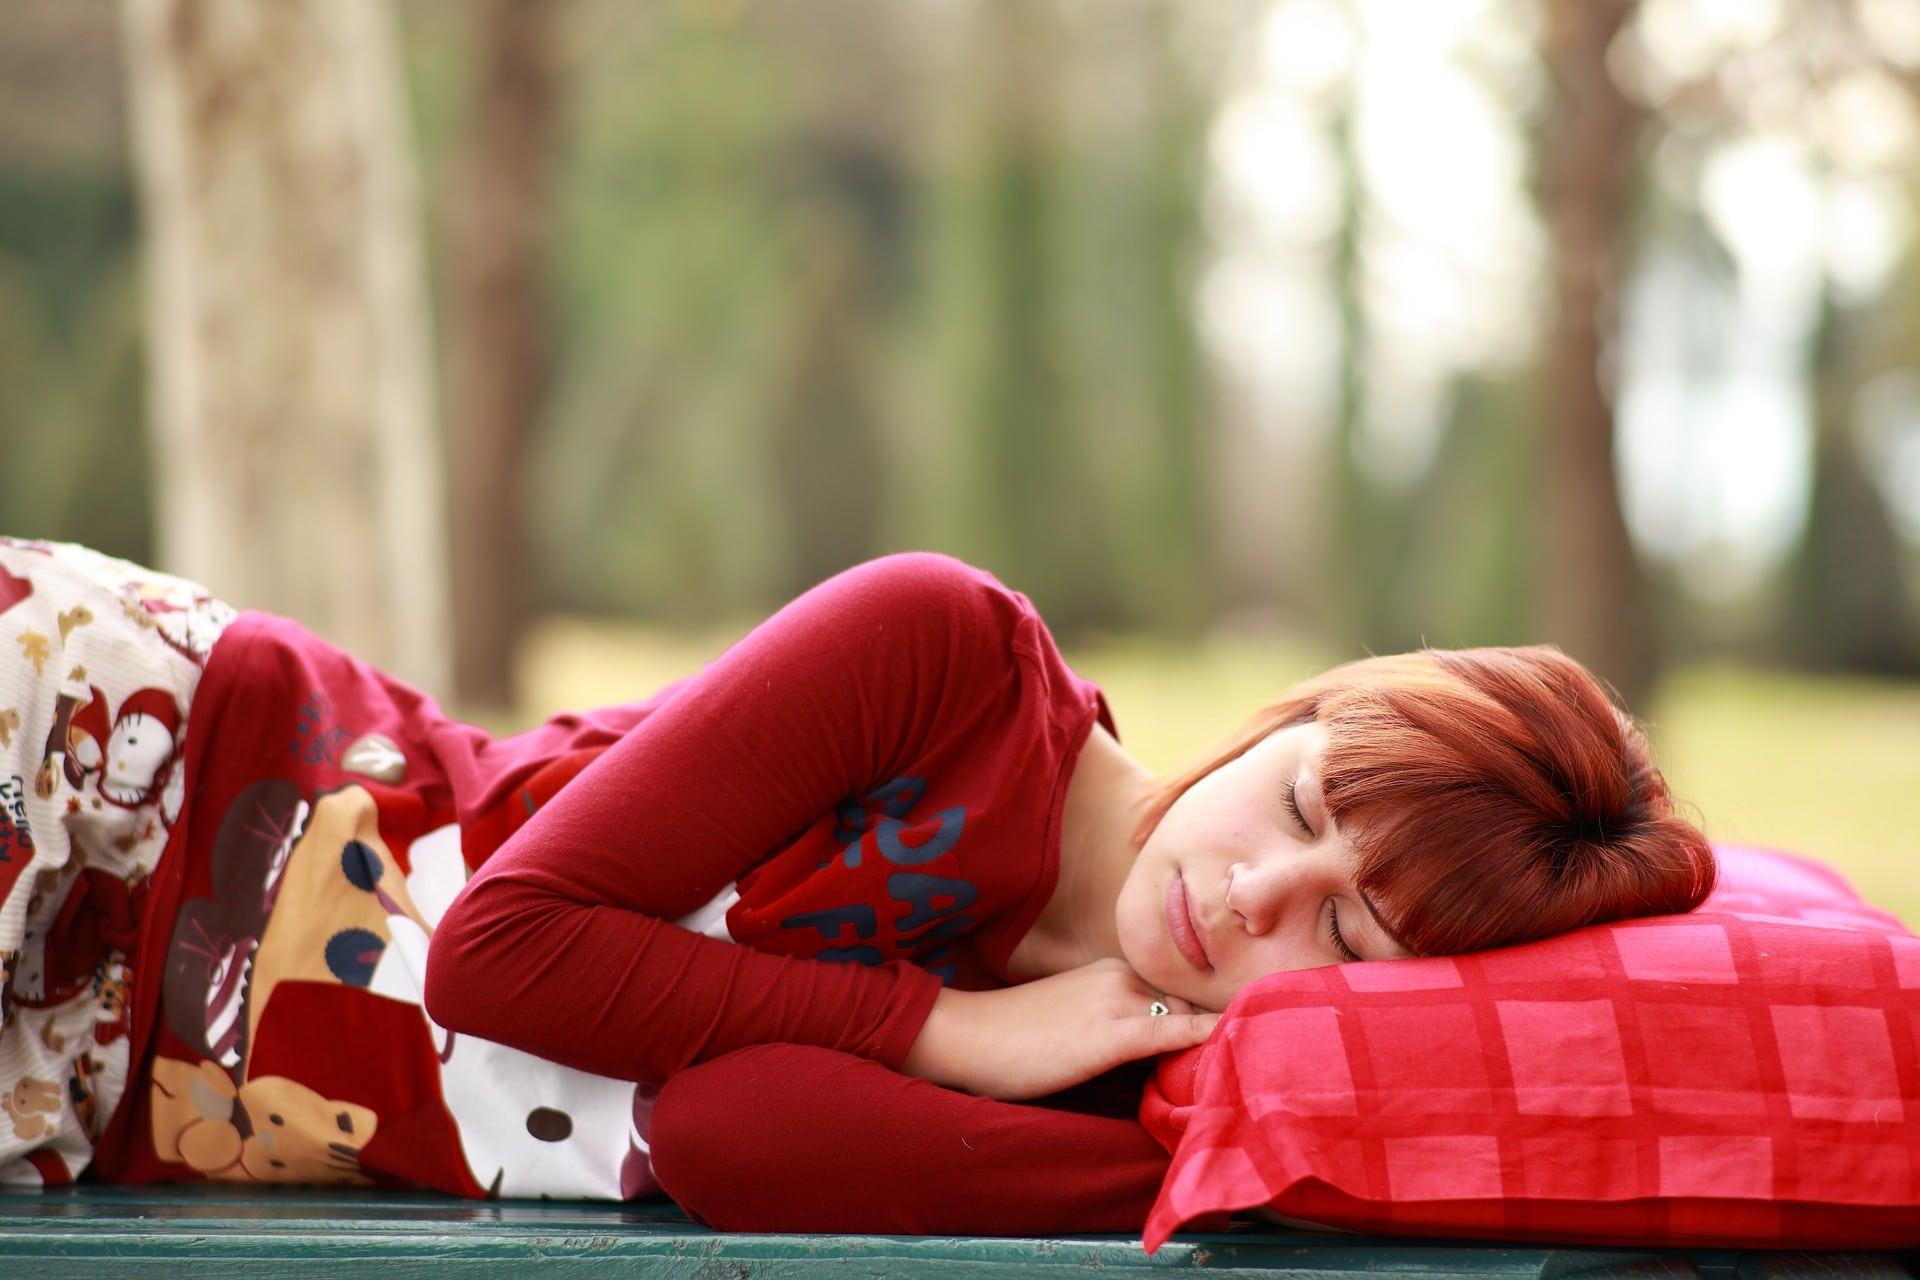 Усталость может означать инсулинорезистентность